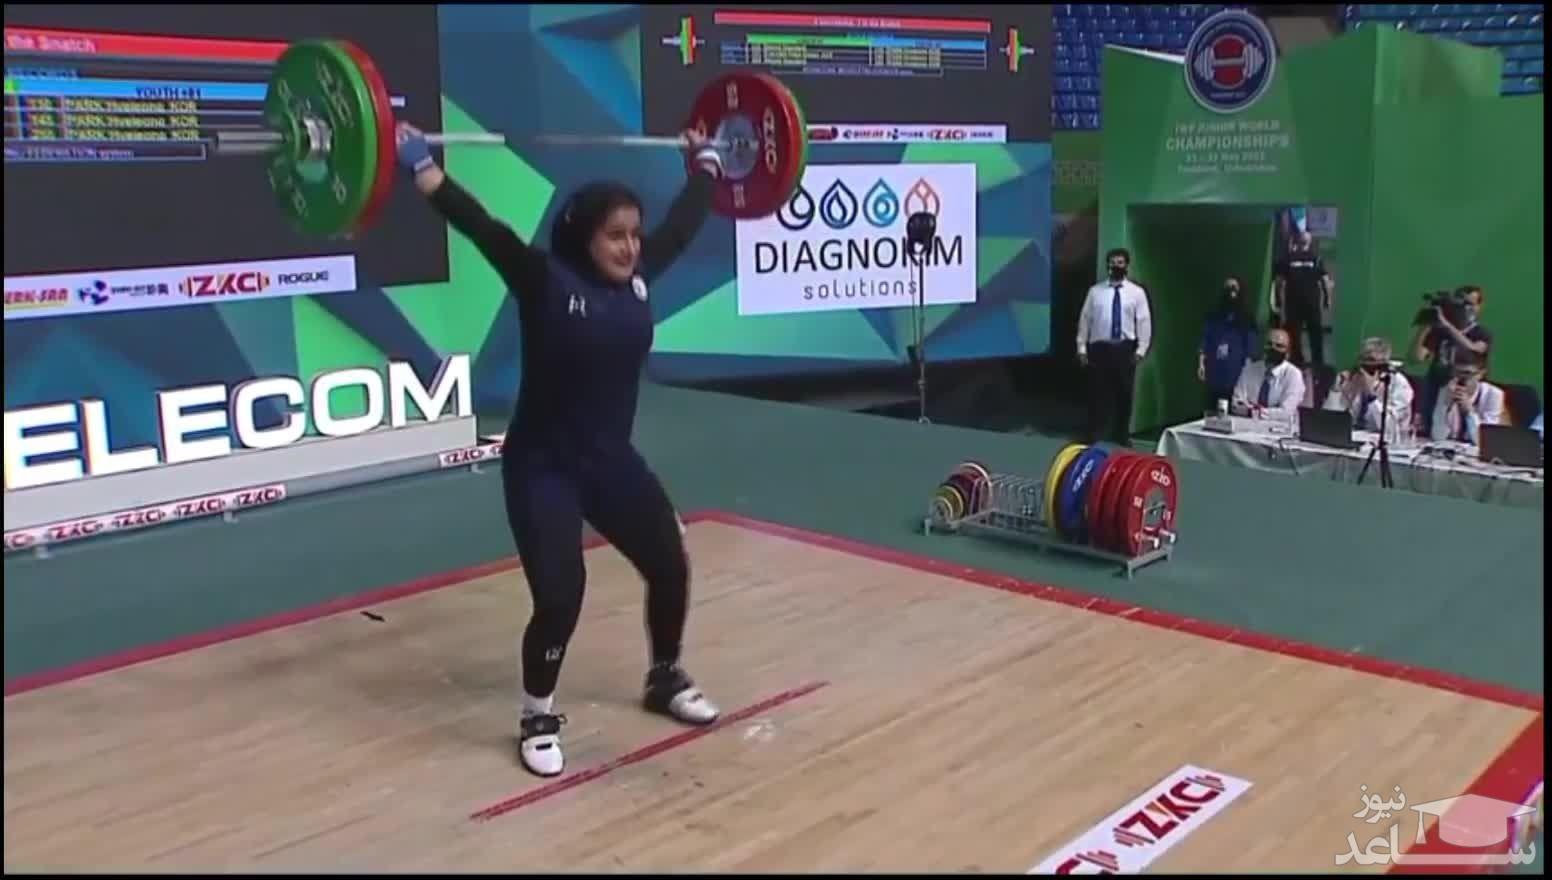 روایت دختر تاریخ ساز ایران از کسب اولین مدال جهانی در وزنه برداری